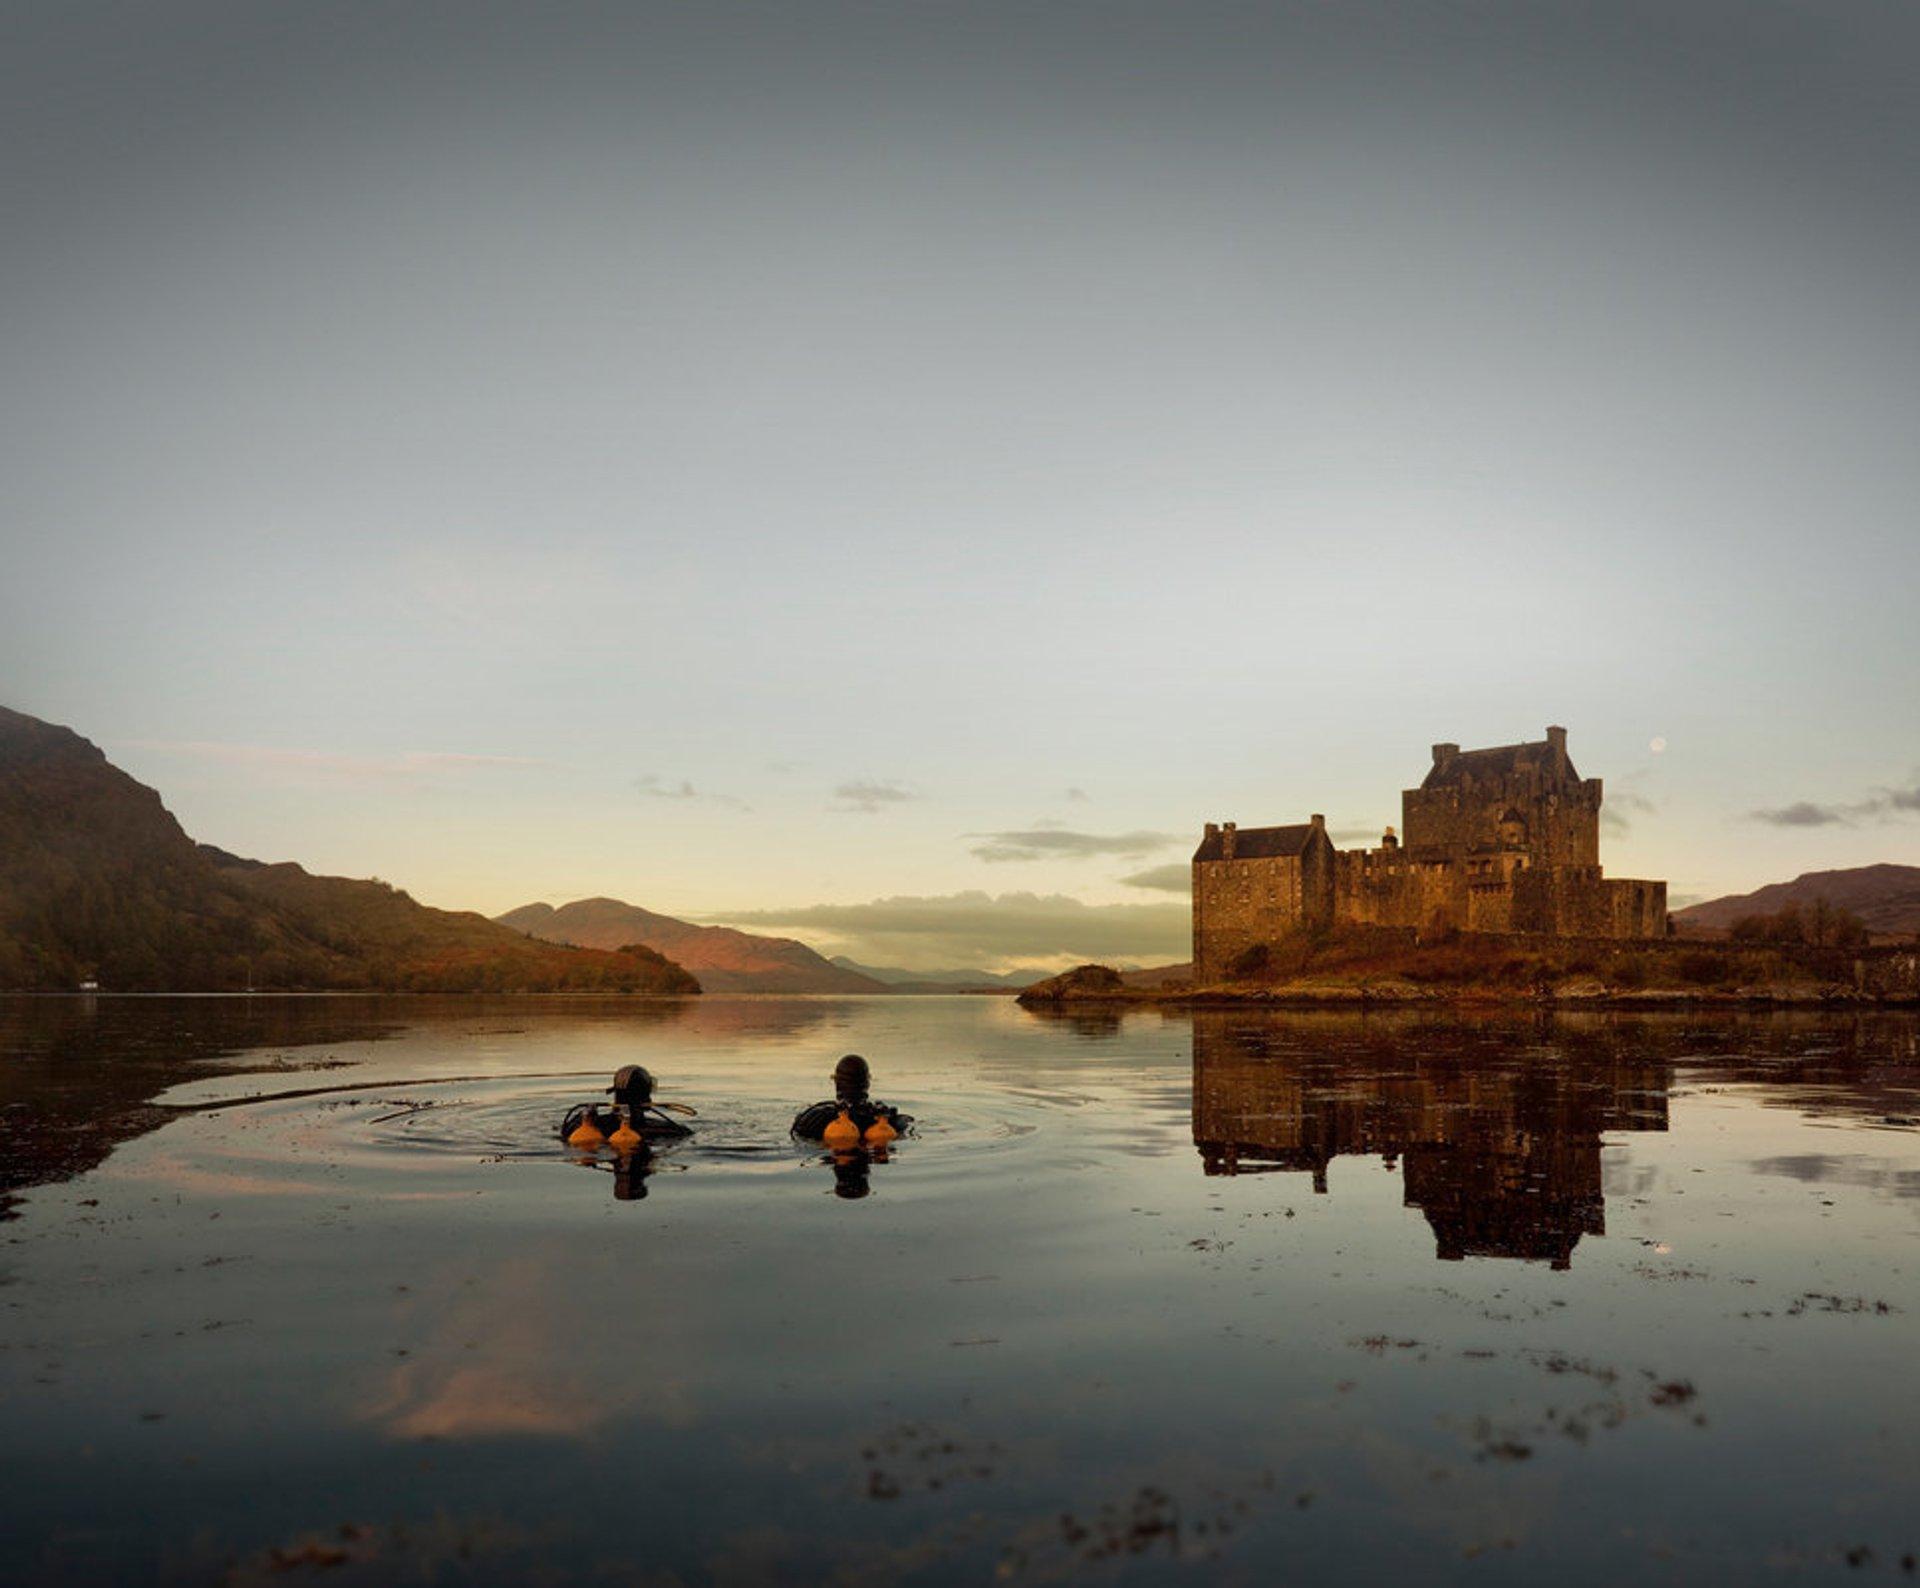 Scuba diving at Eilean Donan Castle 2020